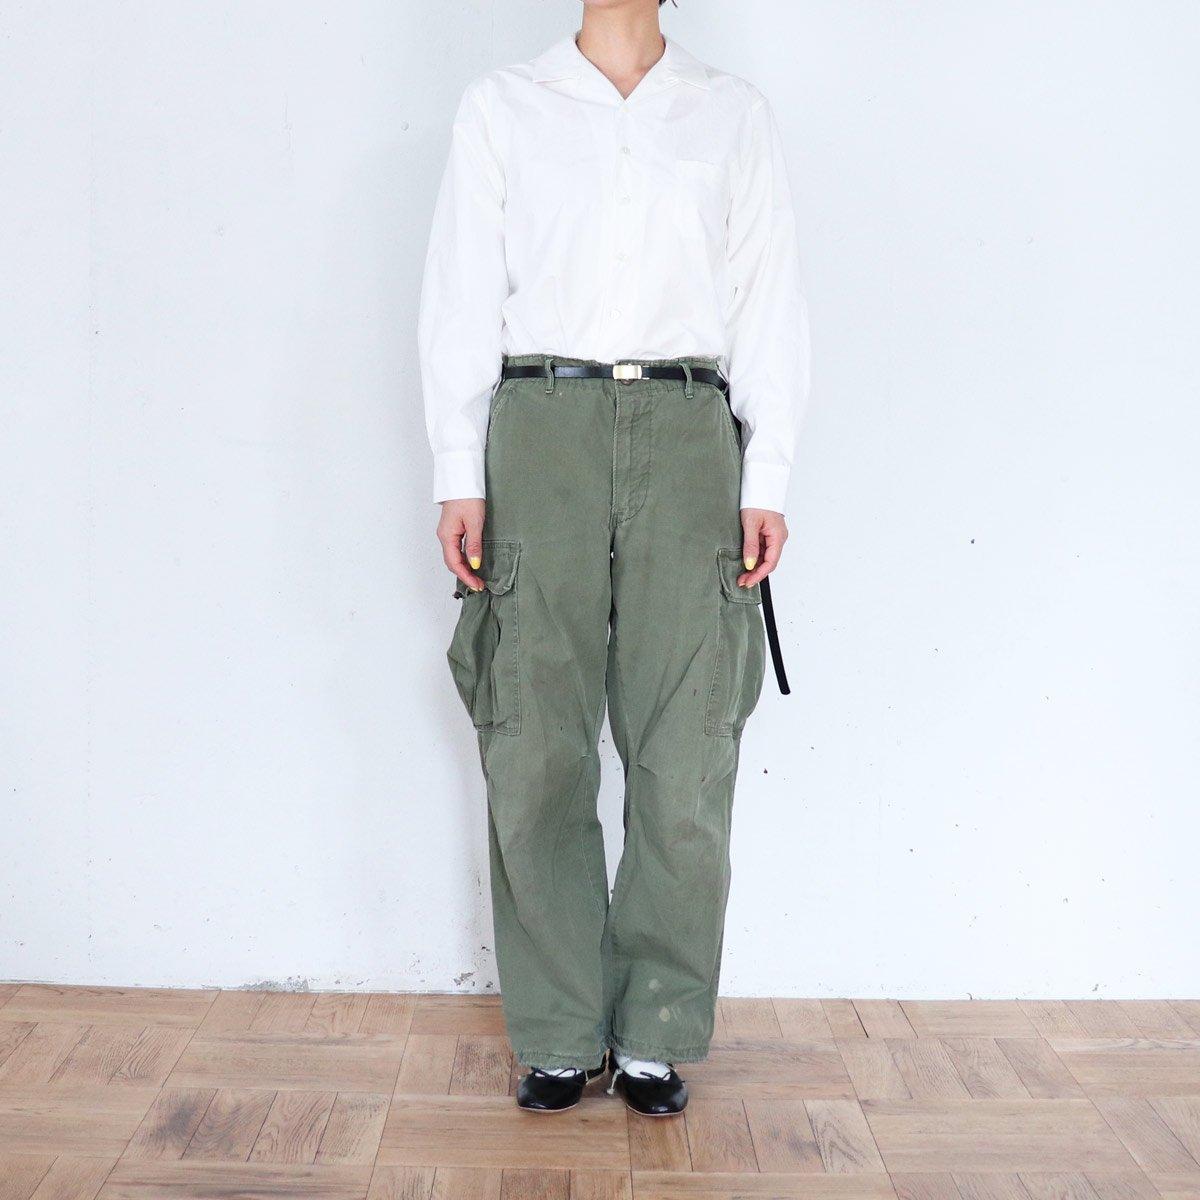 JANGLE FATIGUE PANTS 詳細画像6